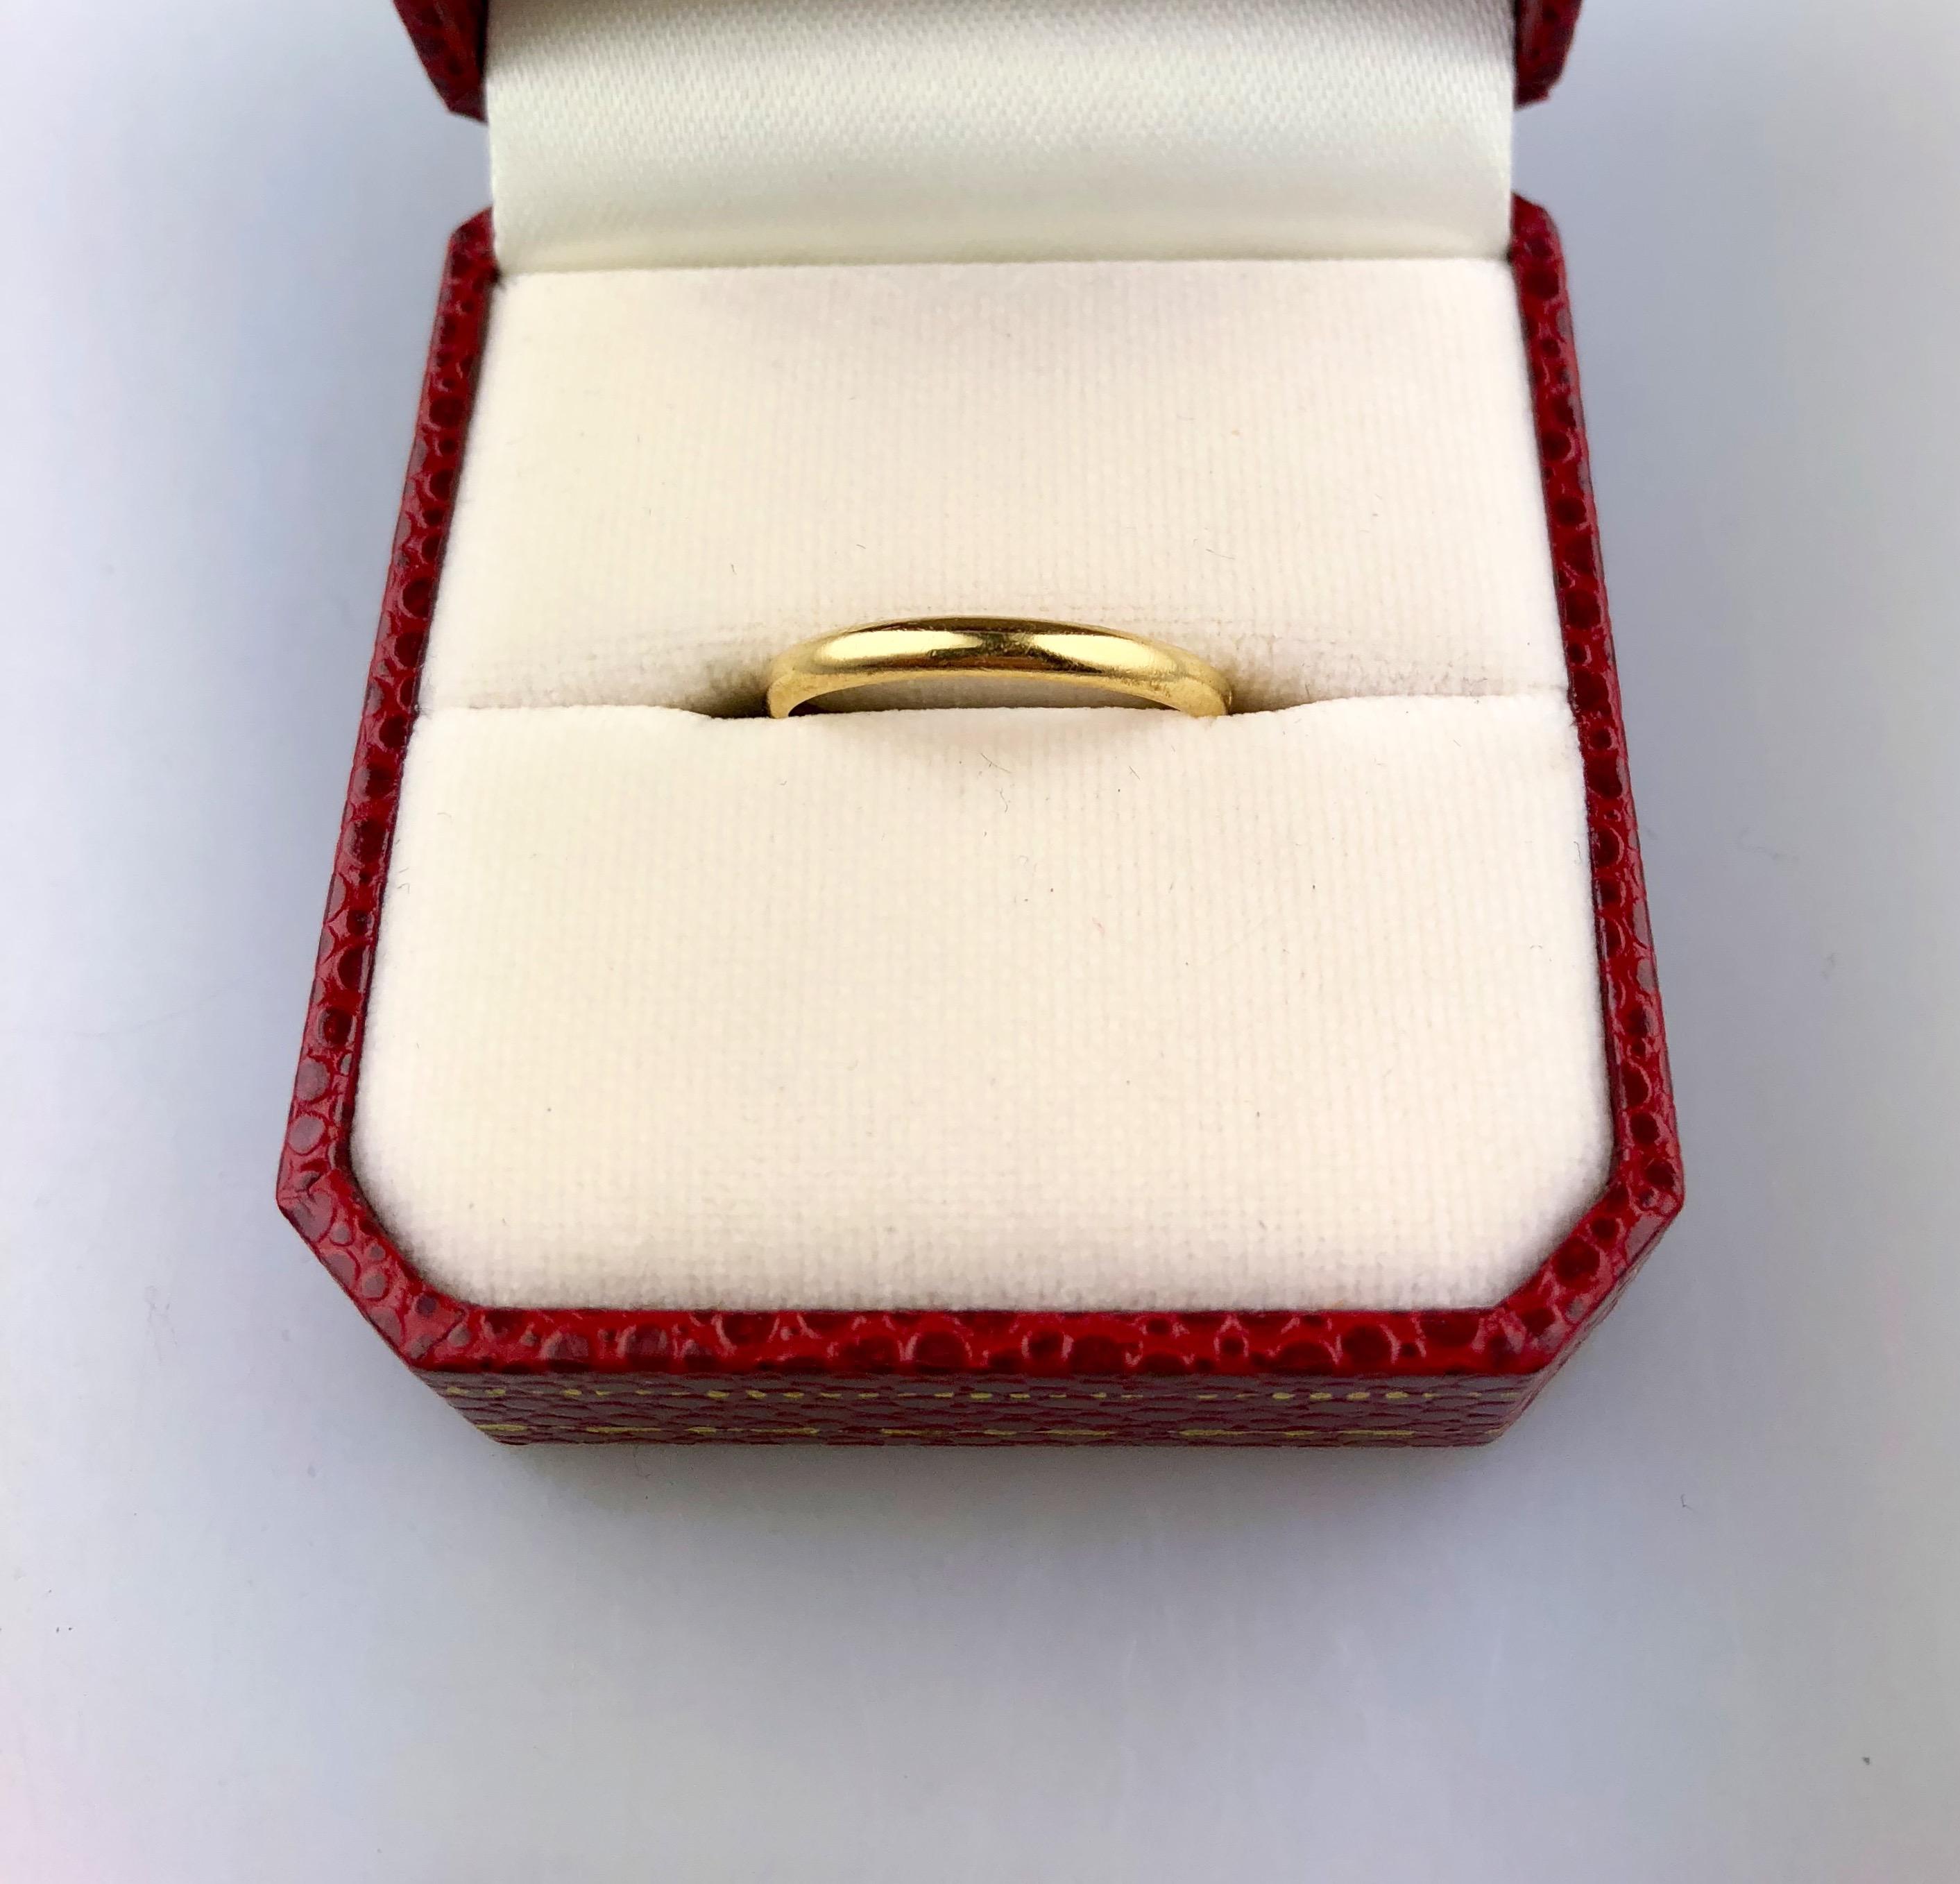 Cartier Wedding Band.Cartier Wedding Band J465